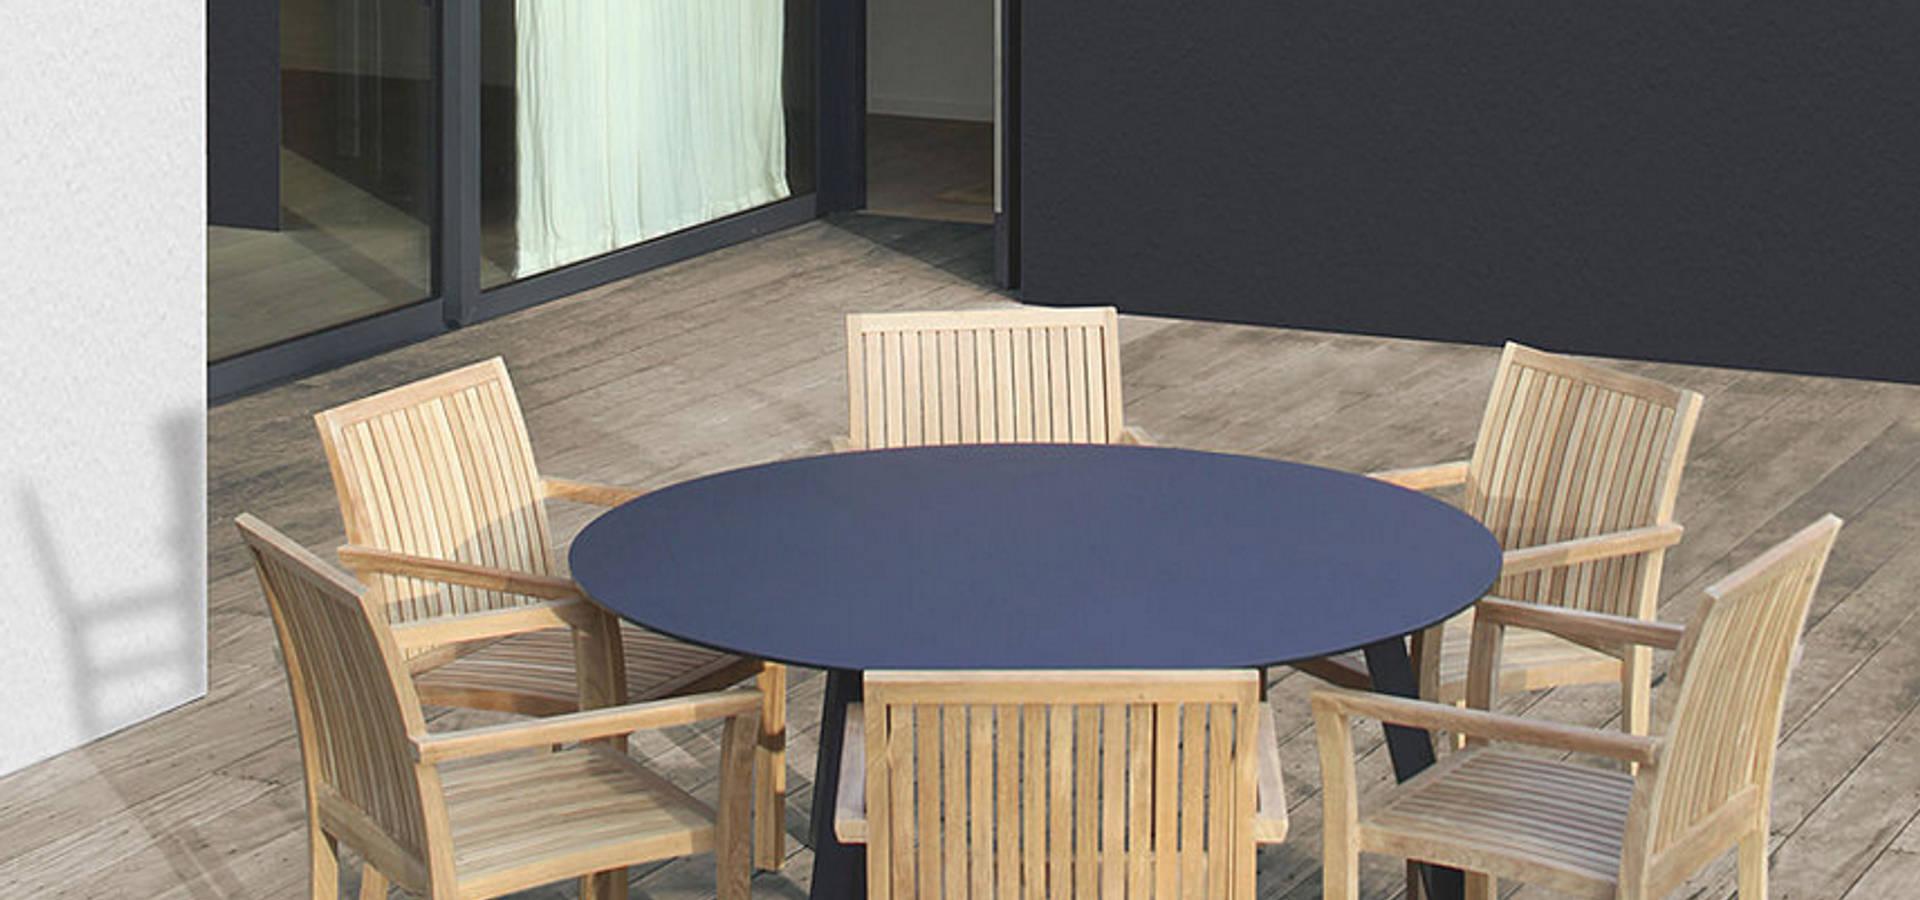 muebles caparros mobiliario de jardines y exteriores homify